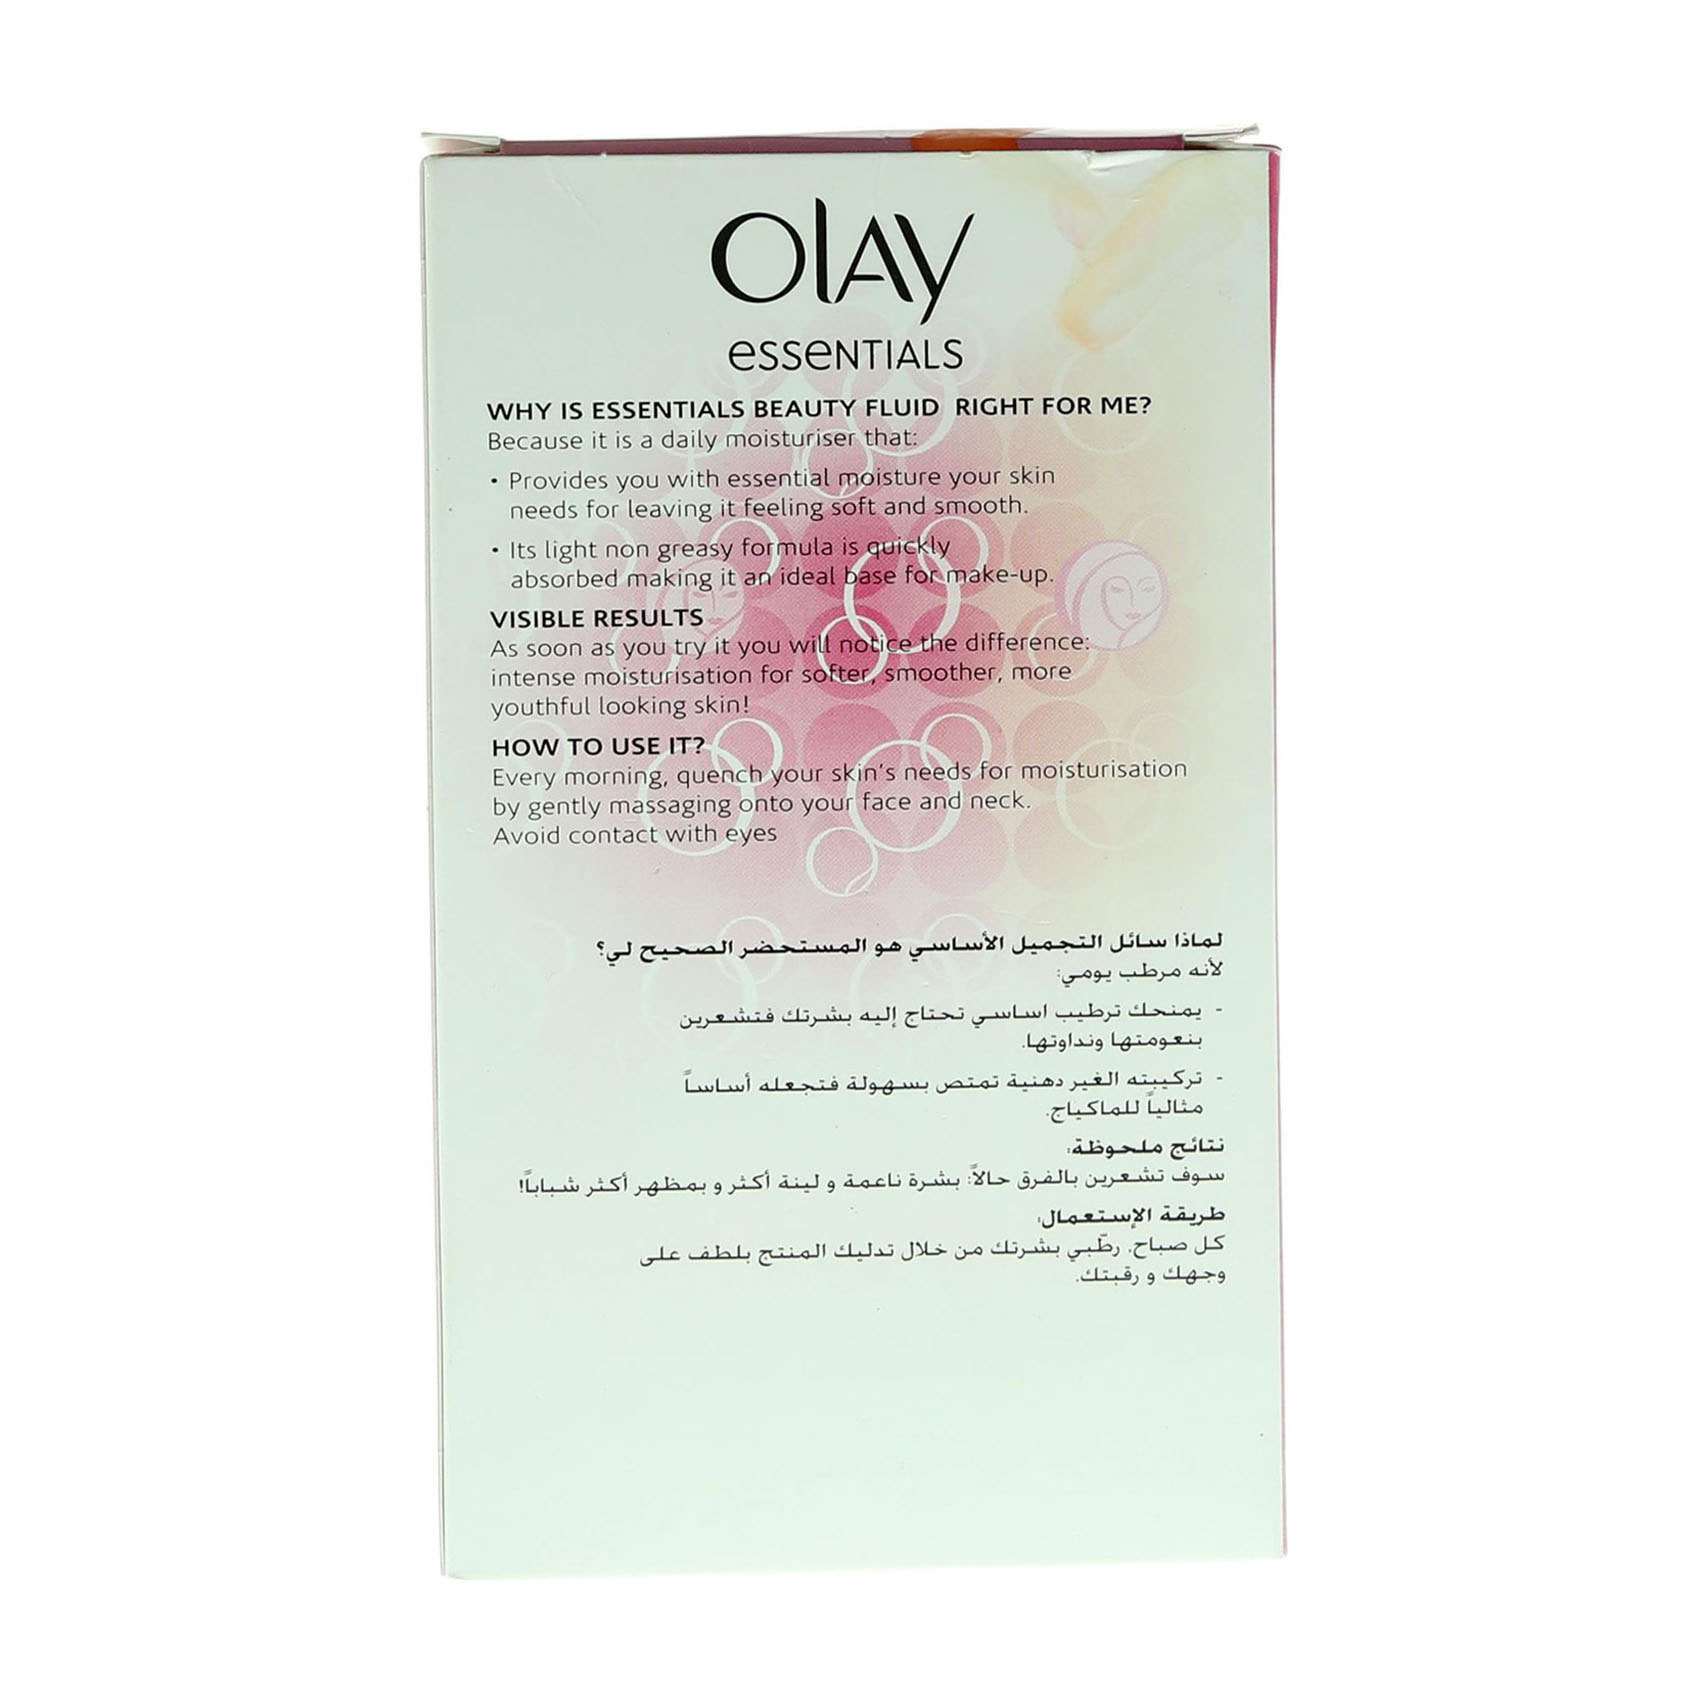 OLAY CLASSIC BEAUTY FLUID 200ML